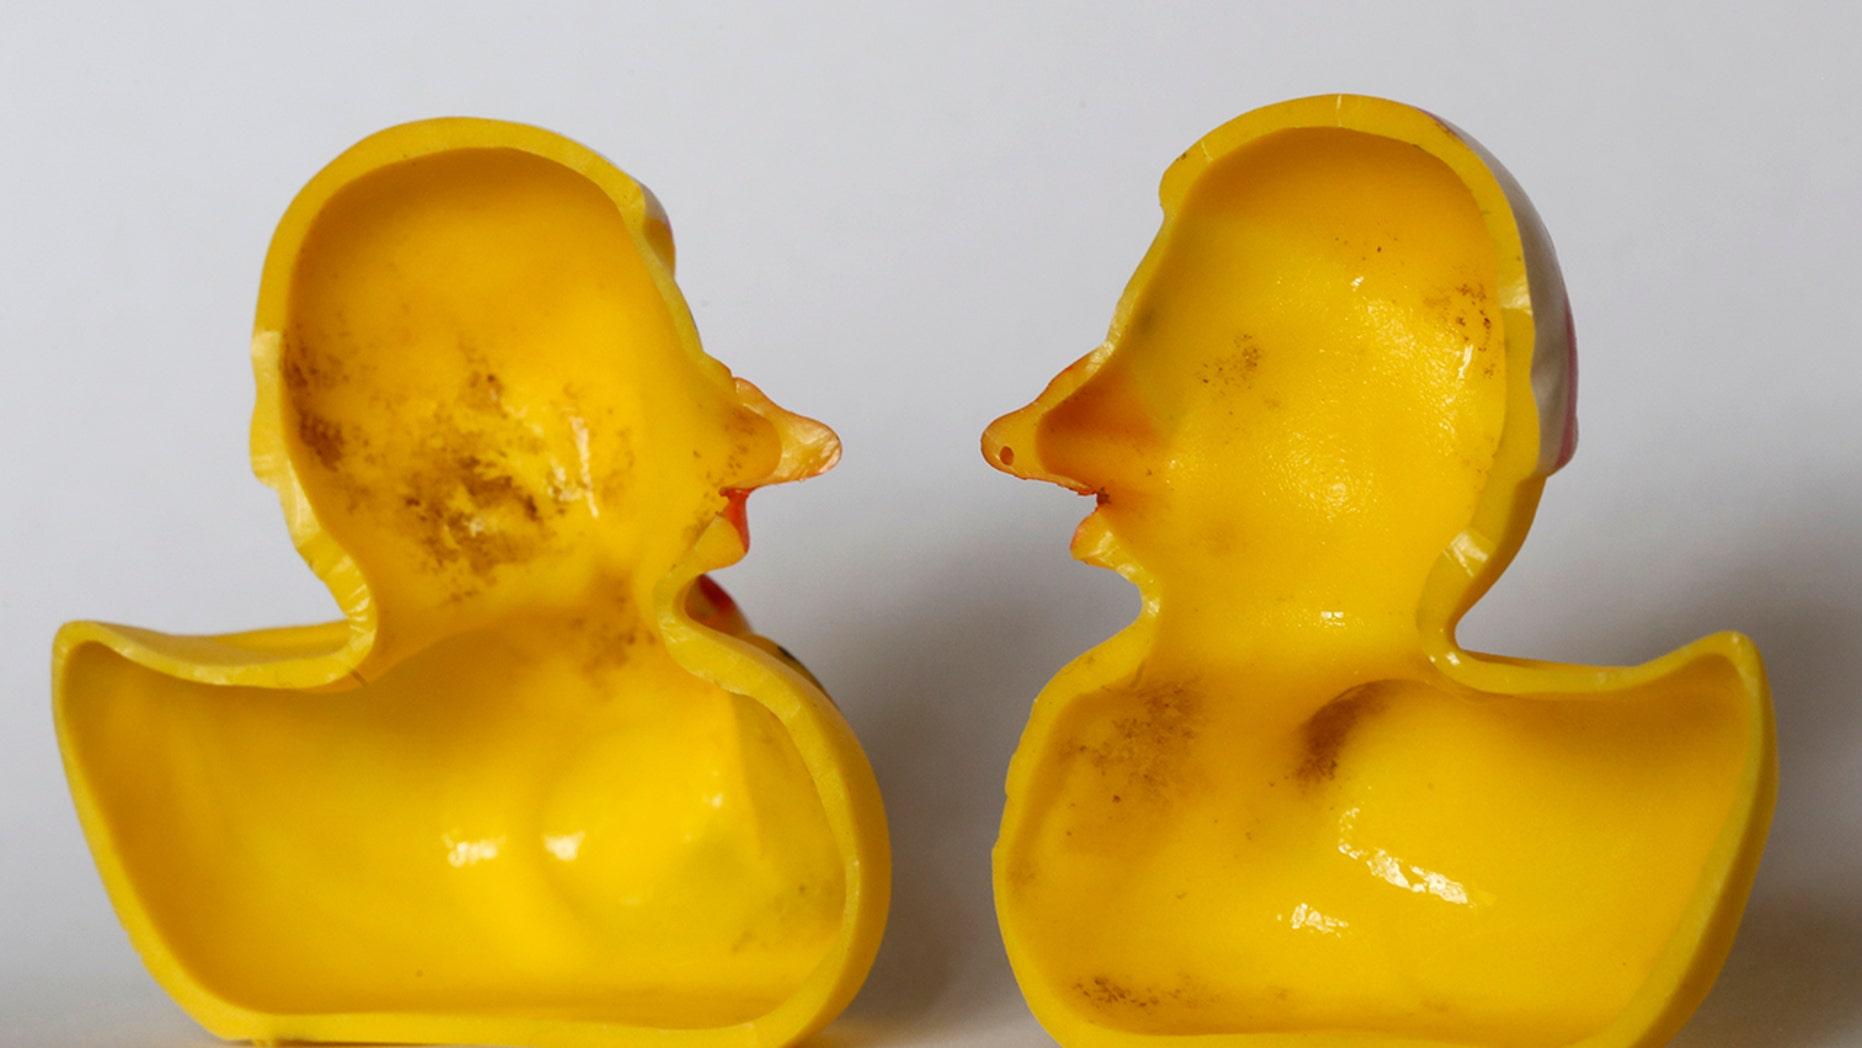 Yucky ducky? Study reveals bath-time toy\'s dirty secret | Fox News